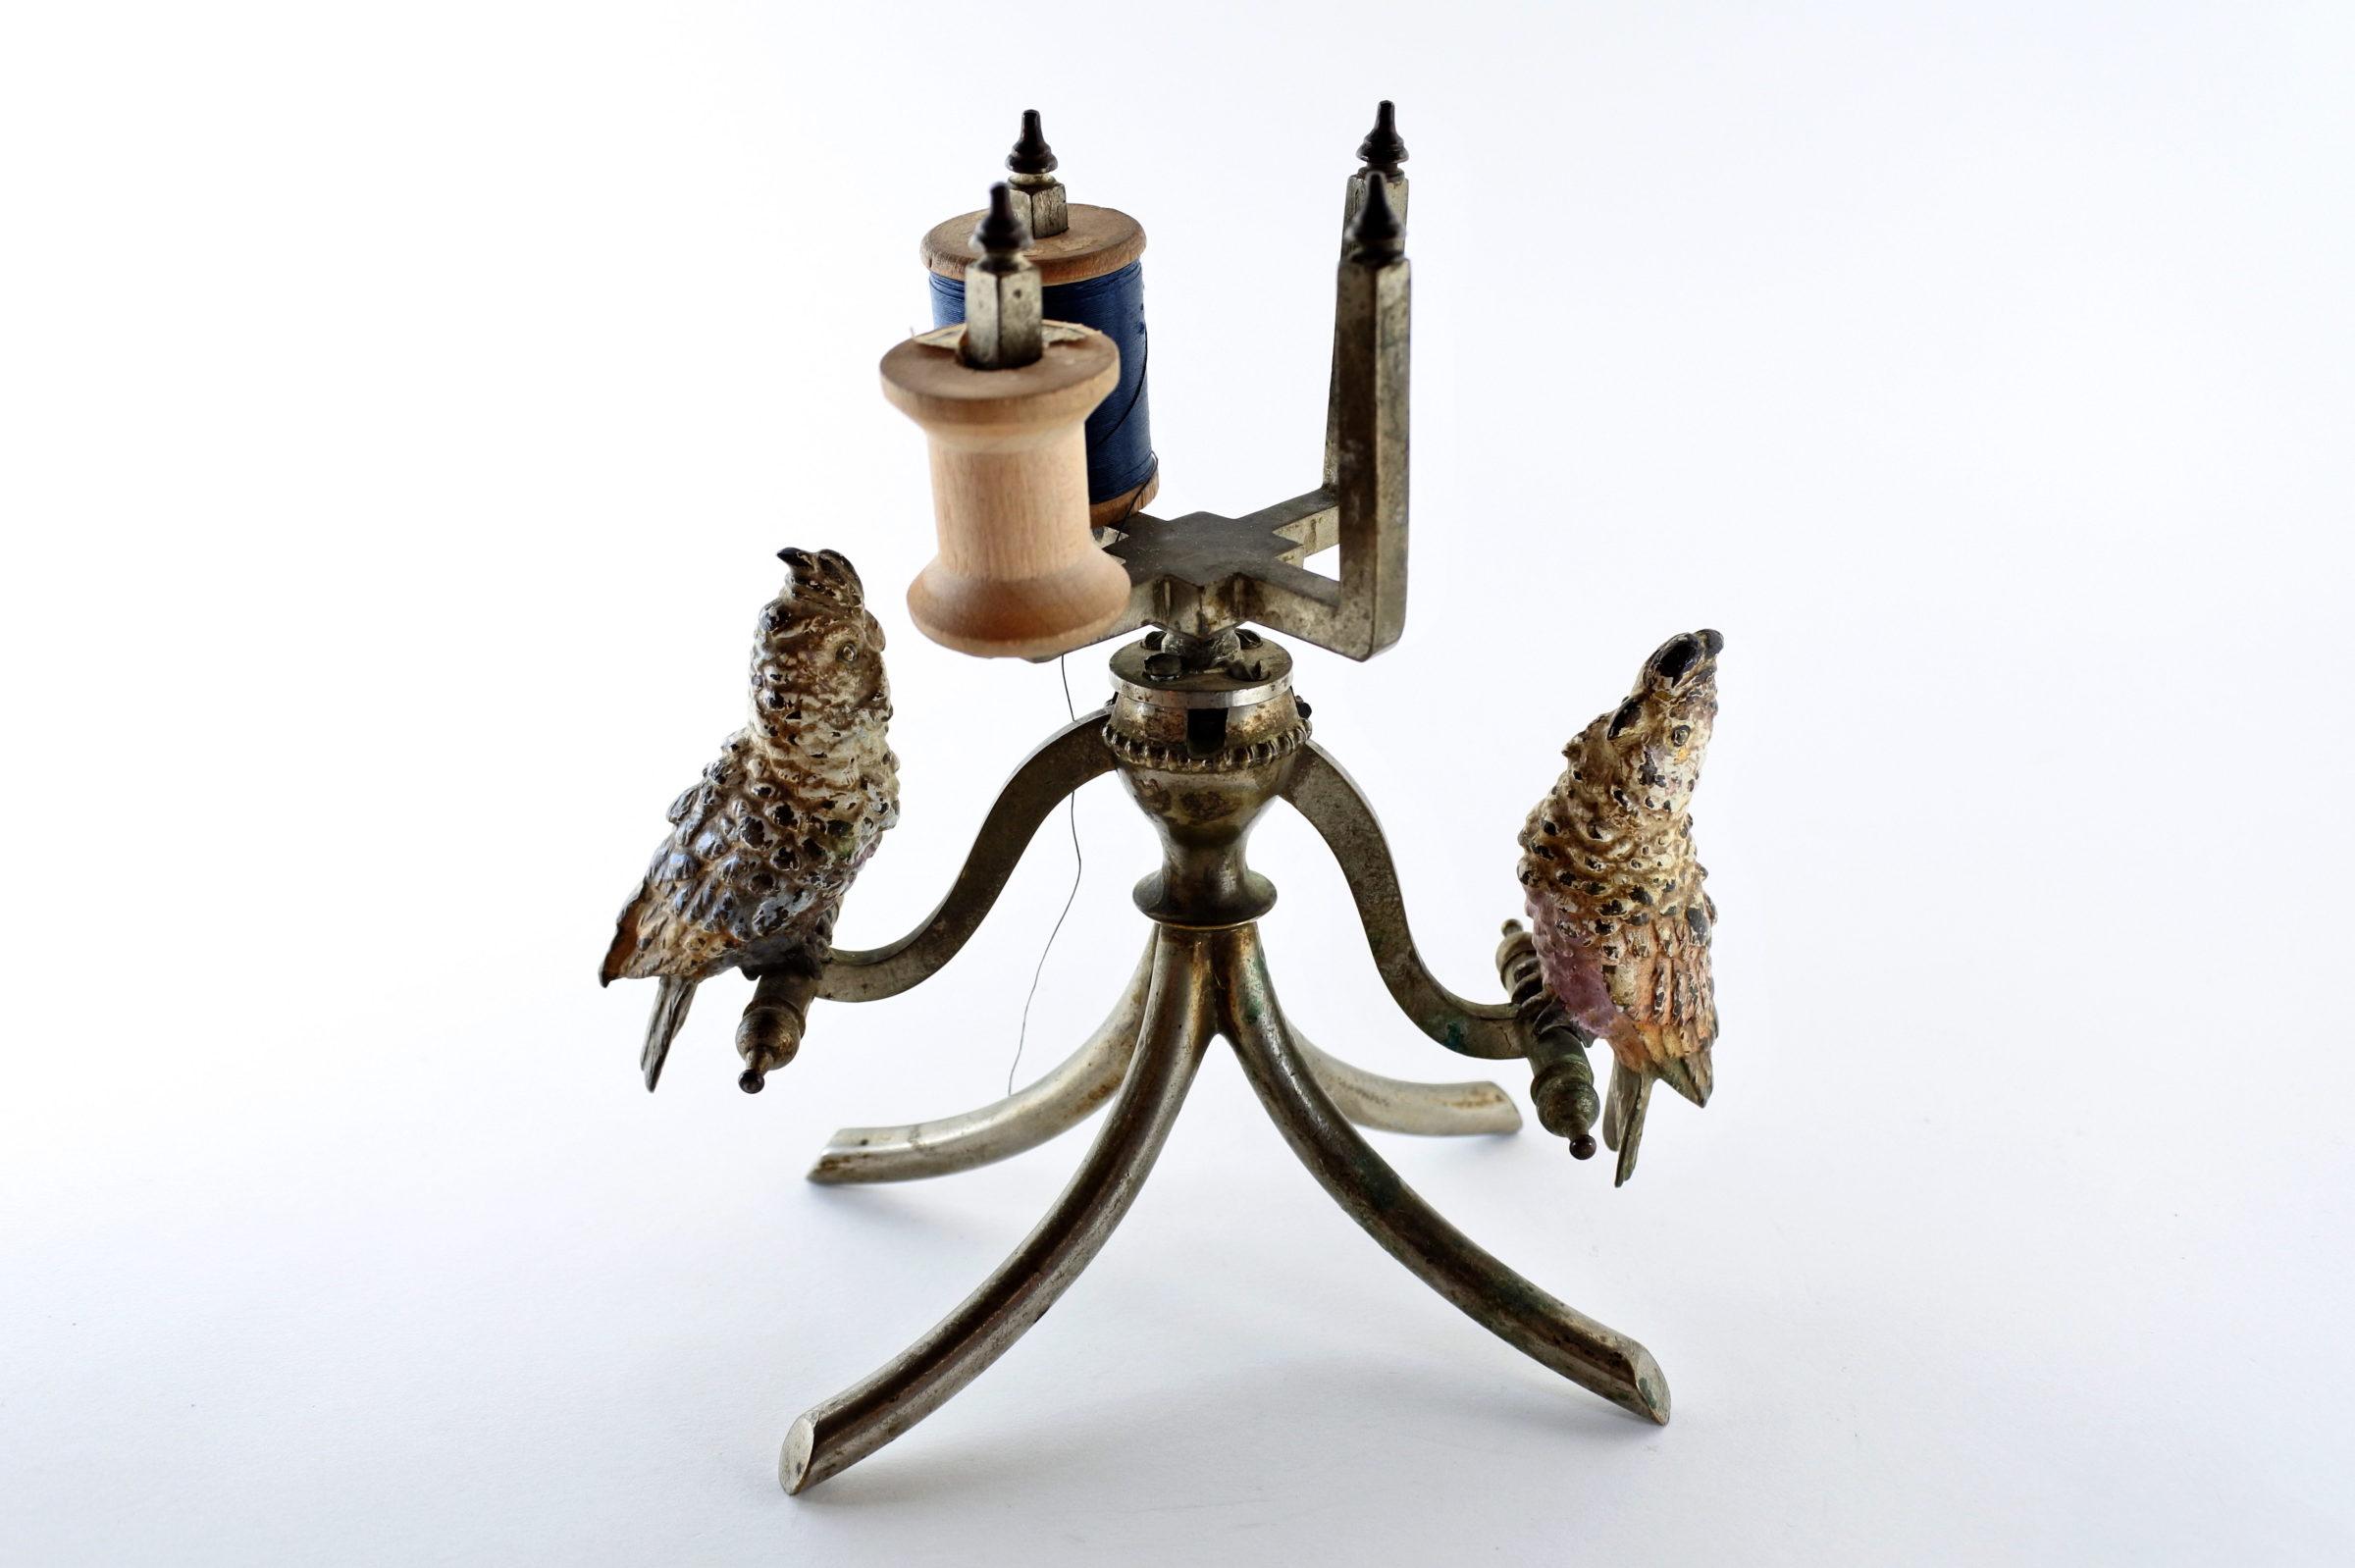 Bronzo di Vienna - Pappagalli su trespolo portarocchetti